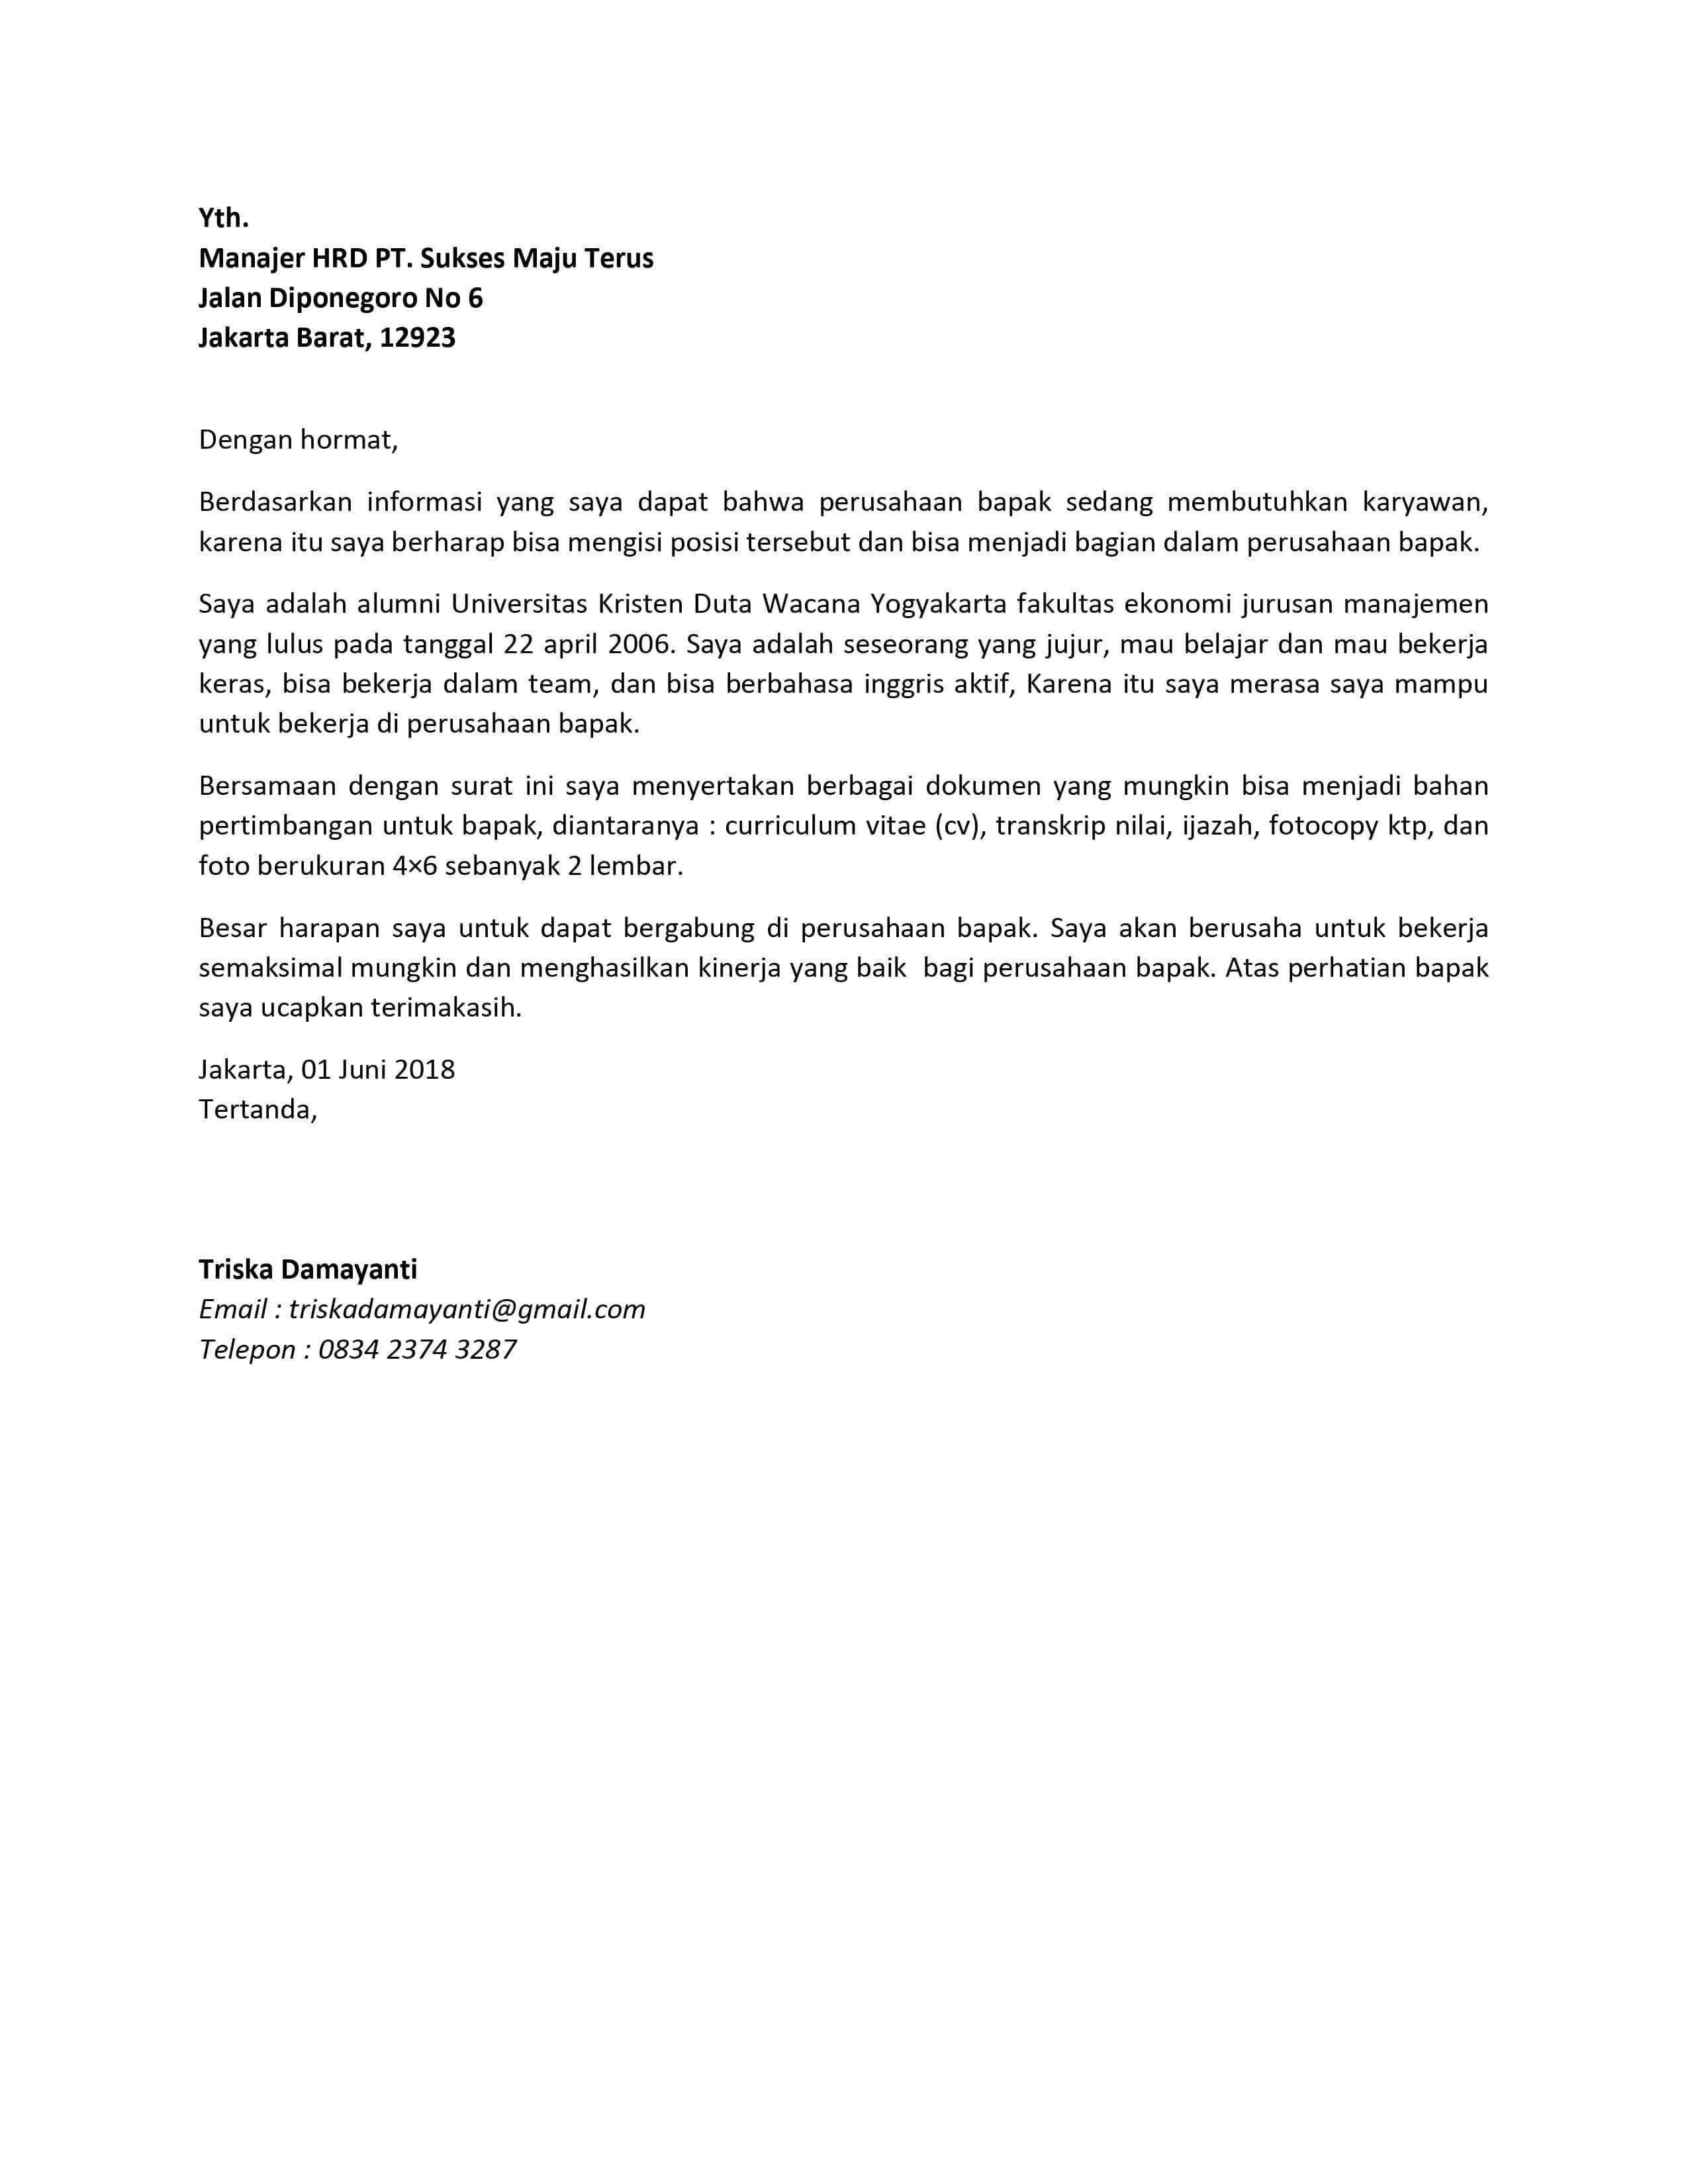 Contoh Surat Lamaran Kerja Surat Tulisan Bahasa